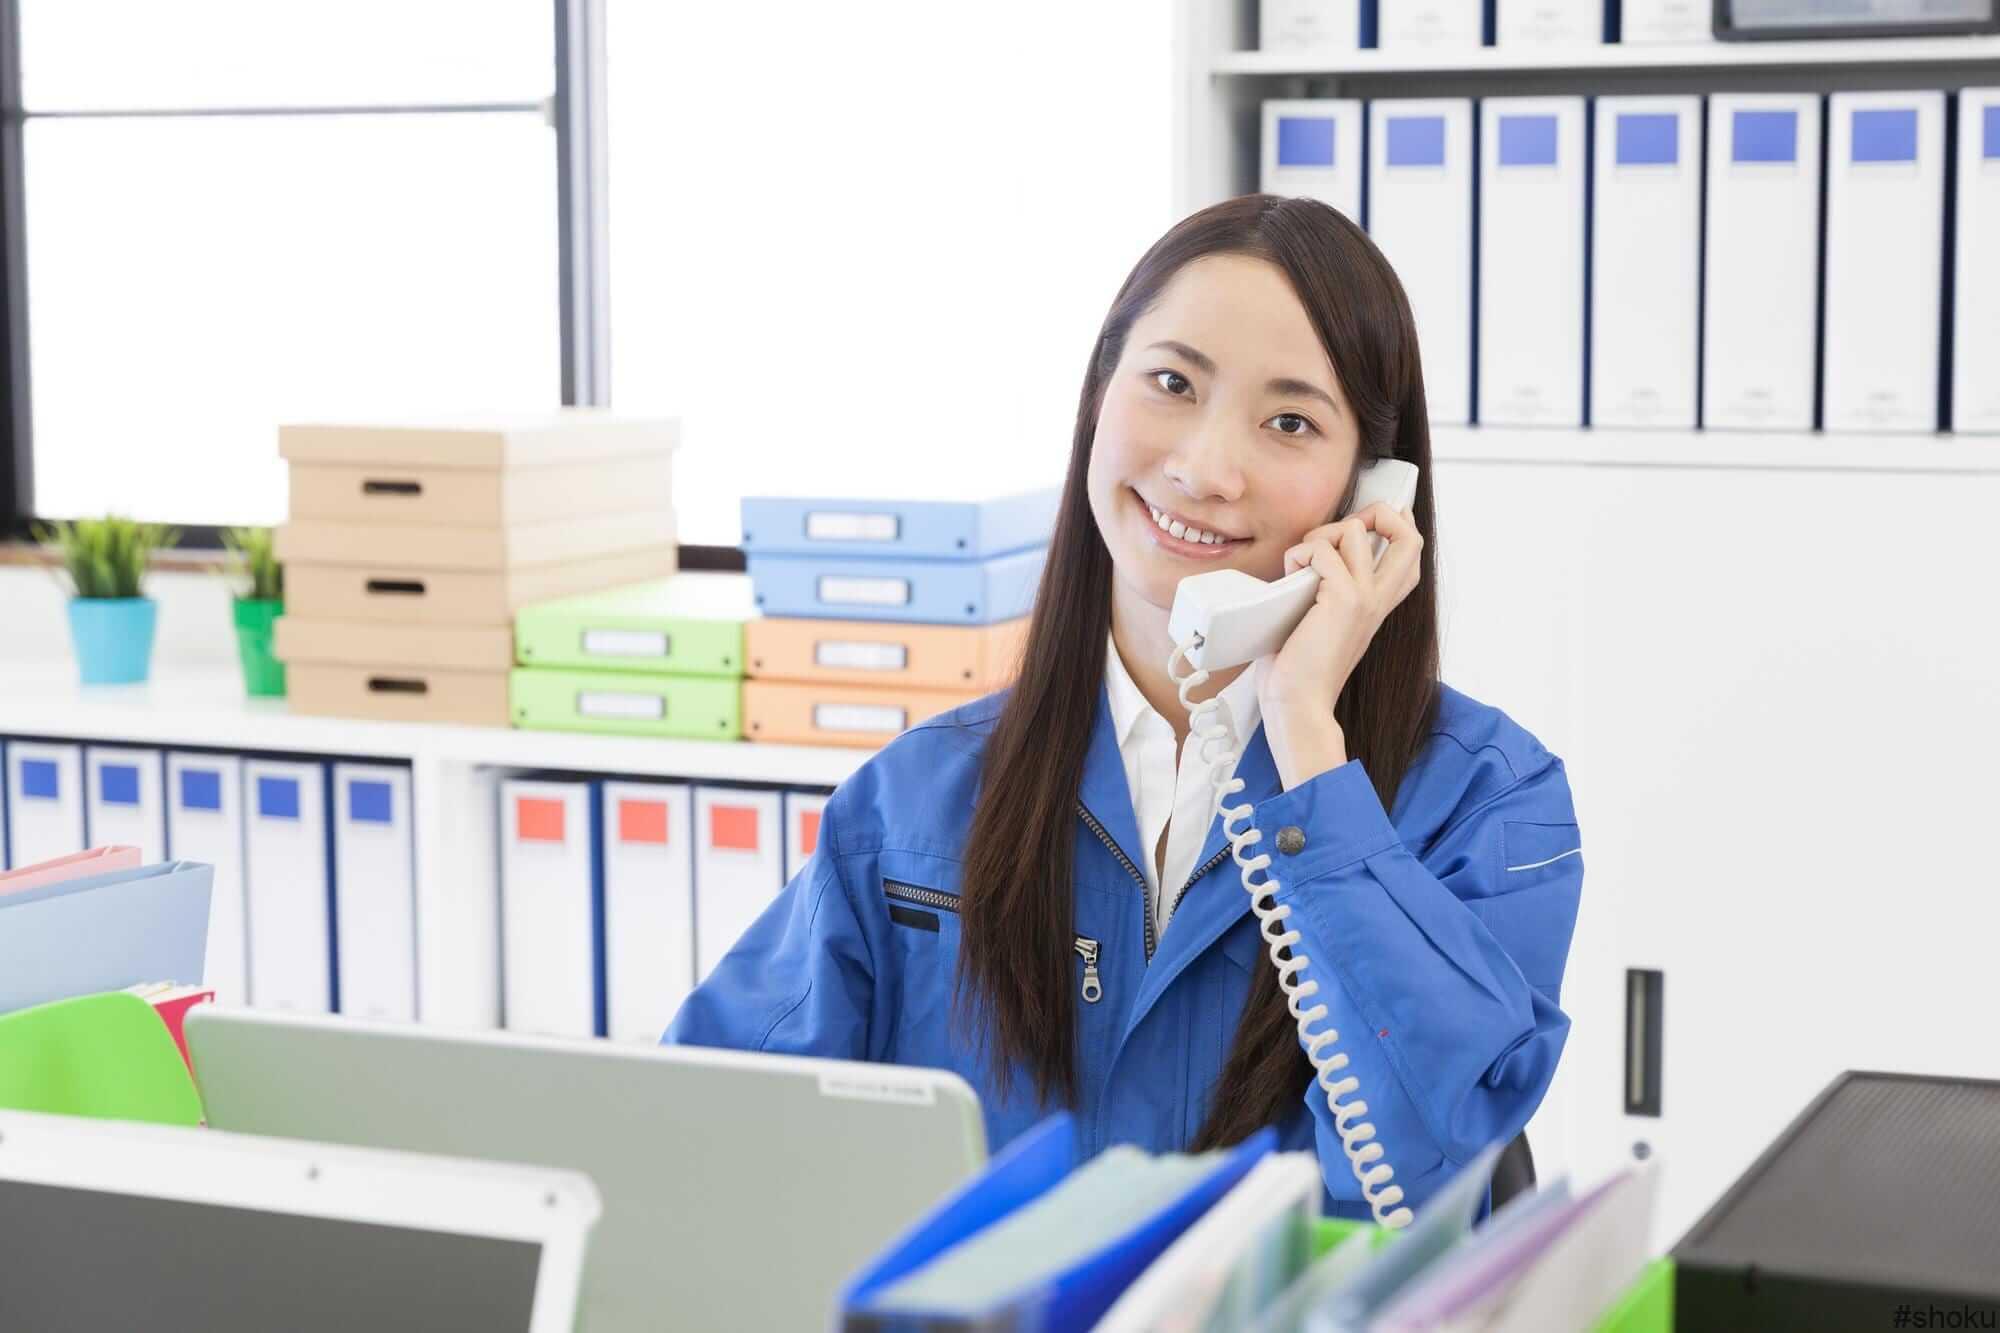 営業事務の仕事に従事する女性